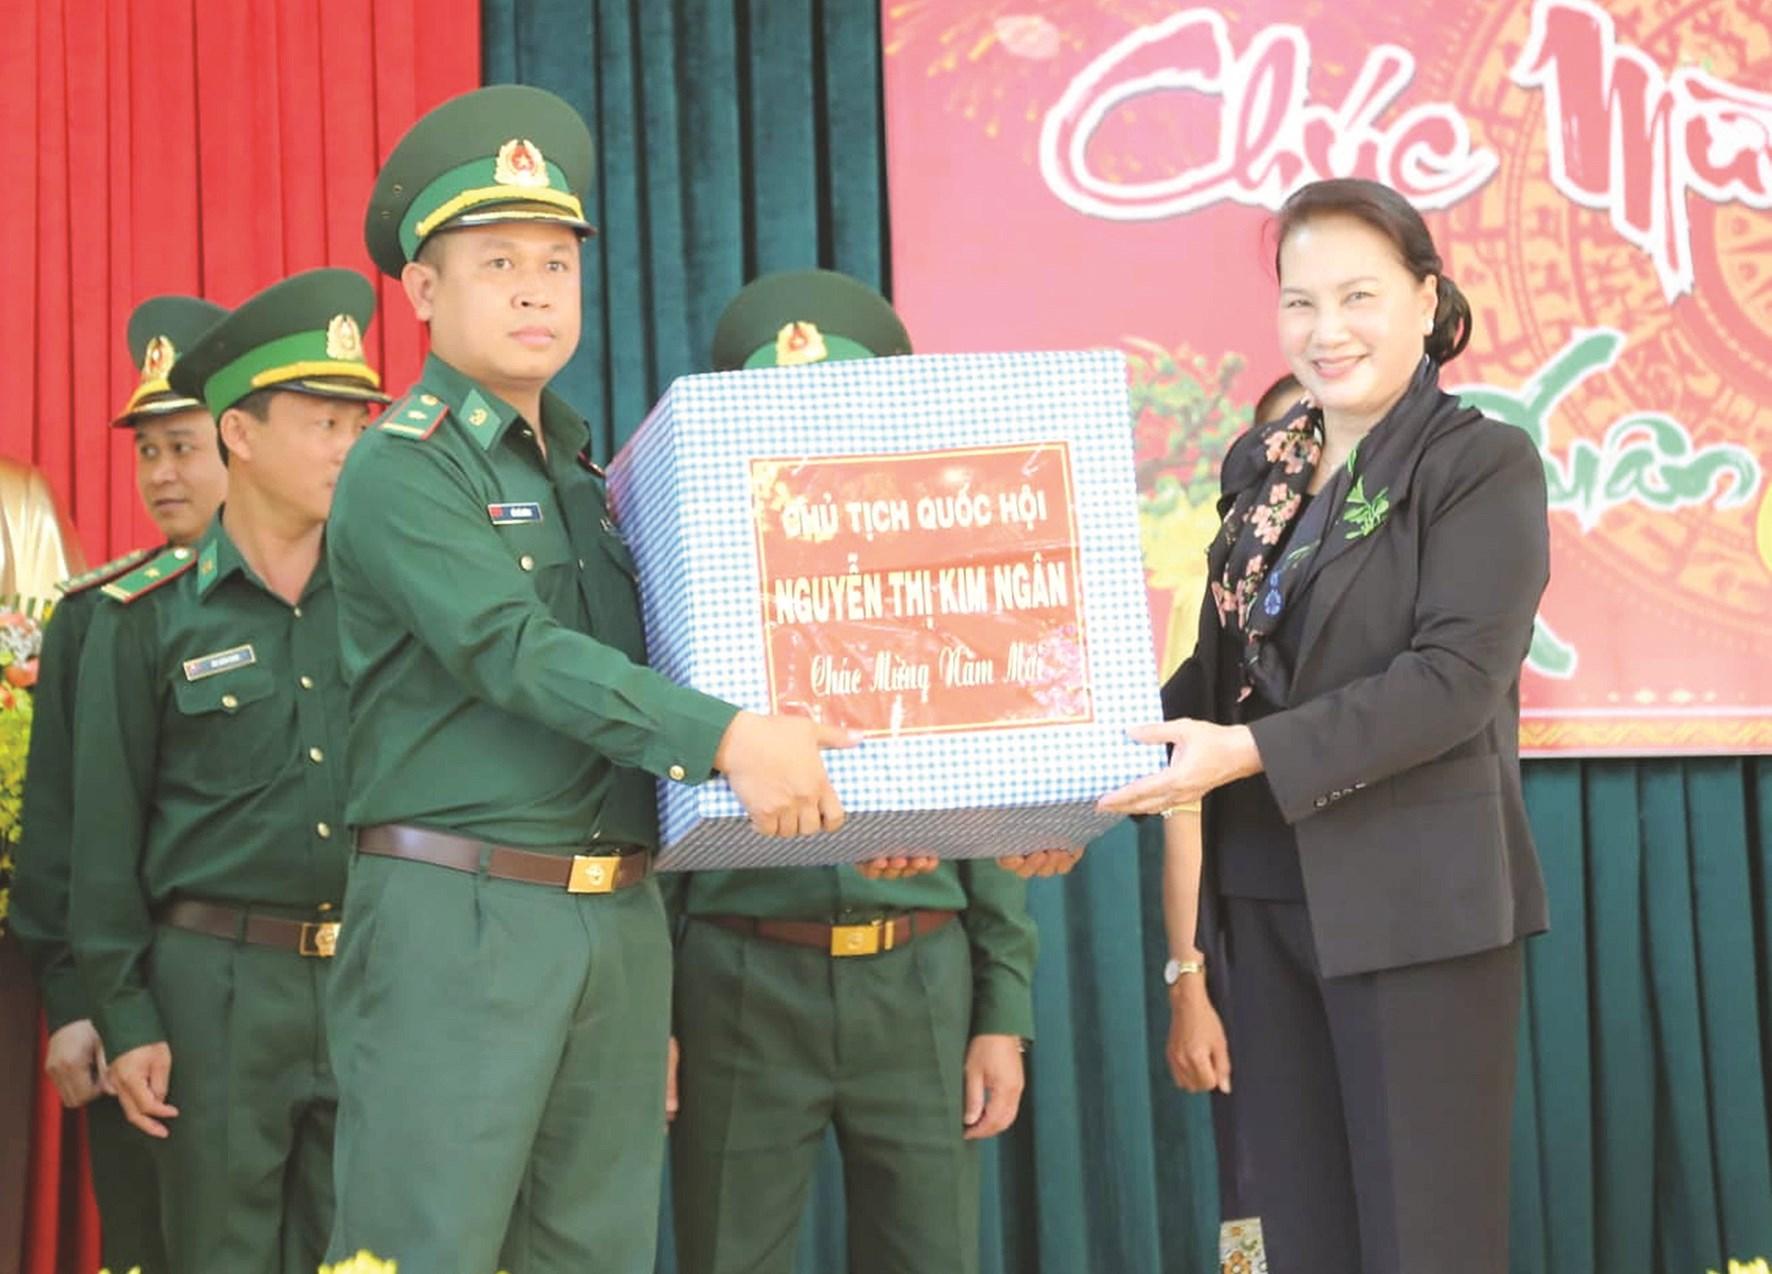 Chủ tịch Quốc hội Nguyễn Thị Kim Ngân tặng quà Tết cán bộ, chiến sĩ Bộ chỉ huy Bộ đội Biên phòng tỉnh Đăk Lăk